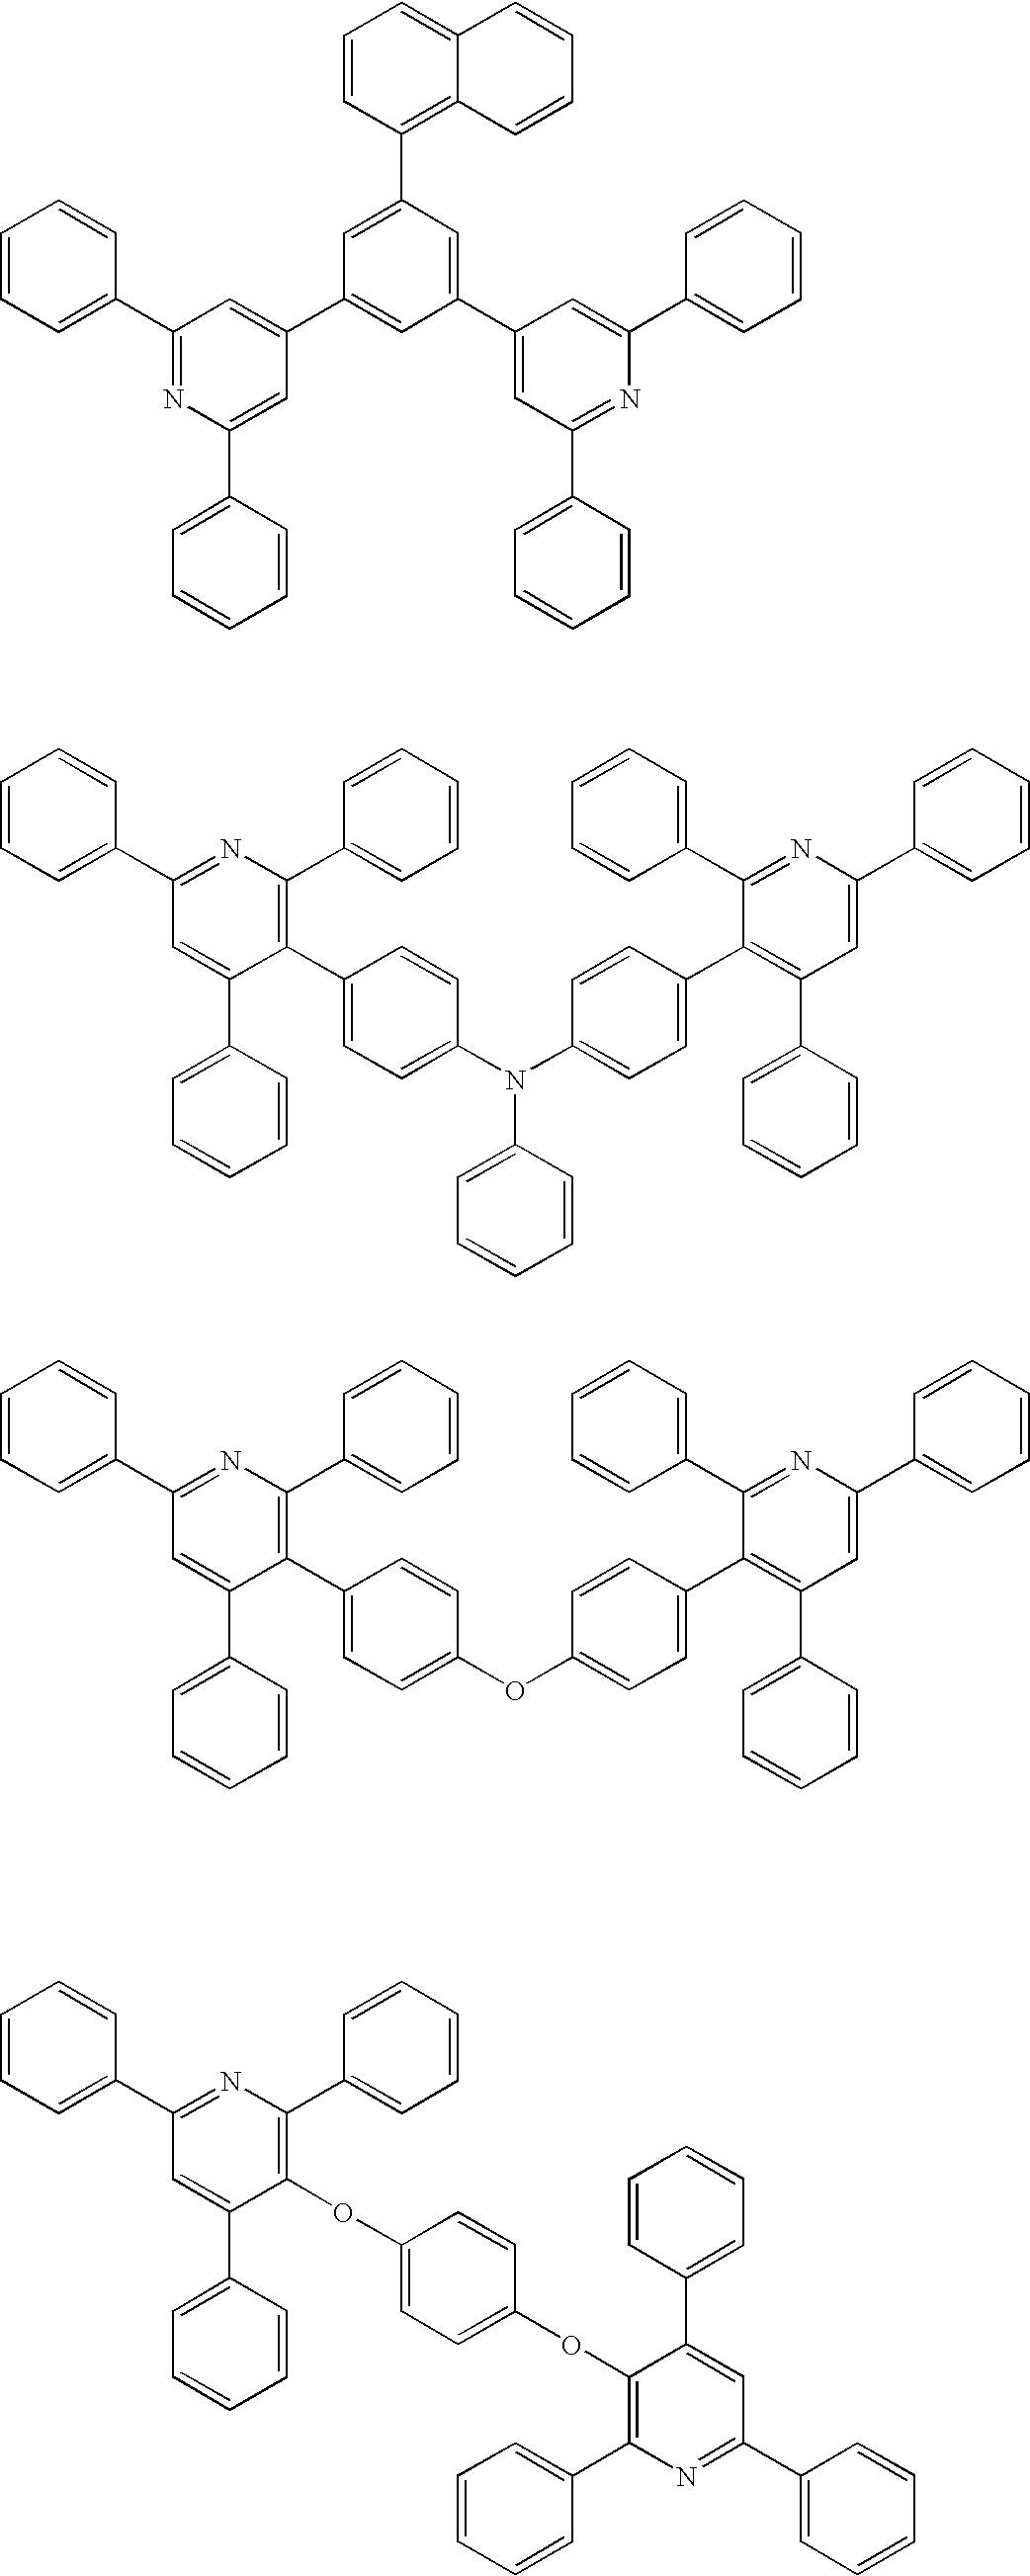 Figure US20060186796A1-20060824-C00066